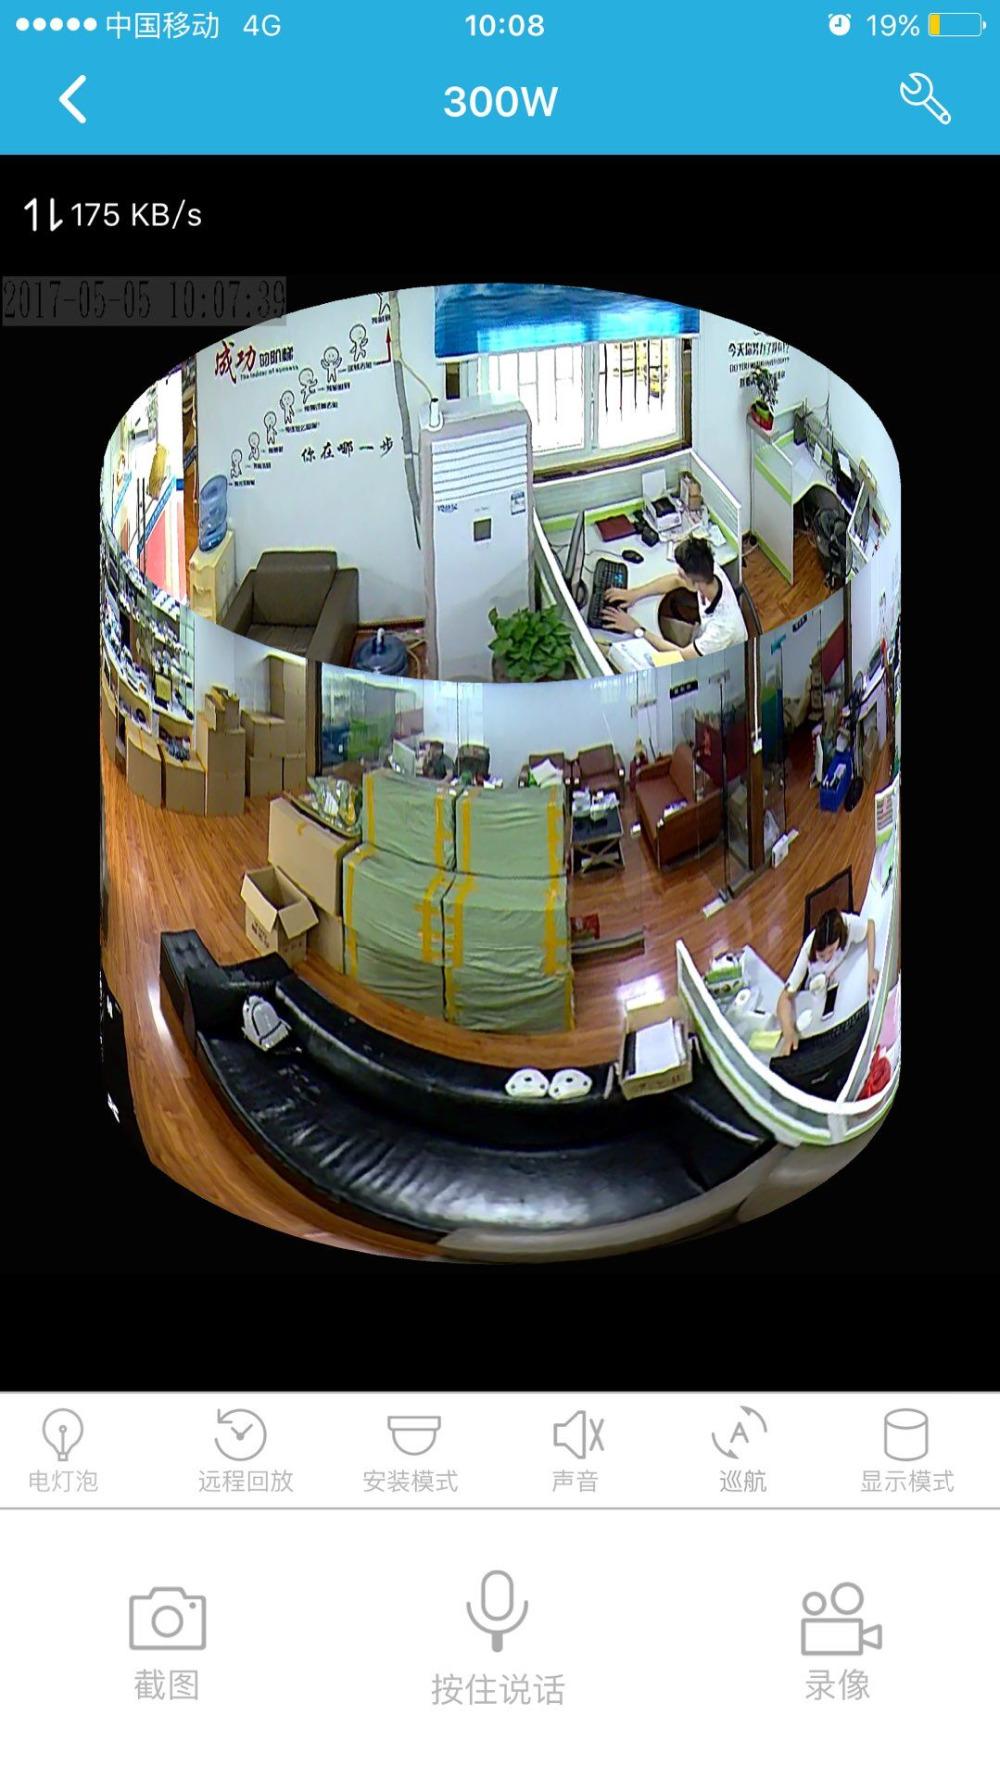 360 degree camera panoramic